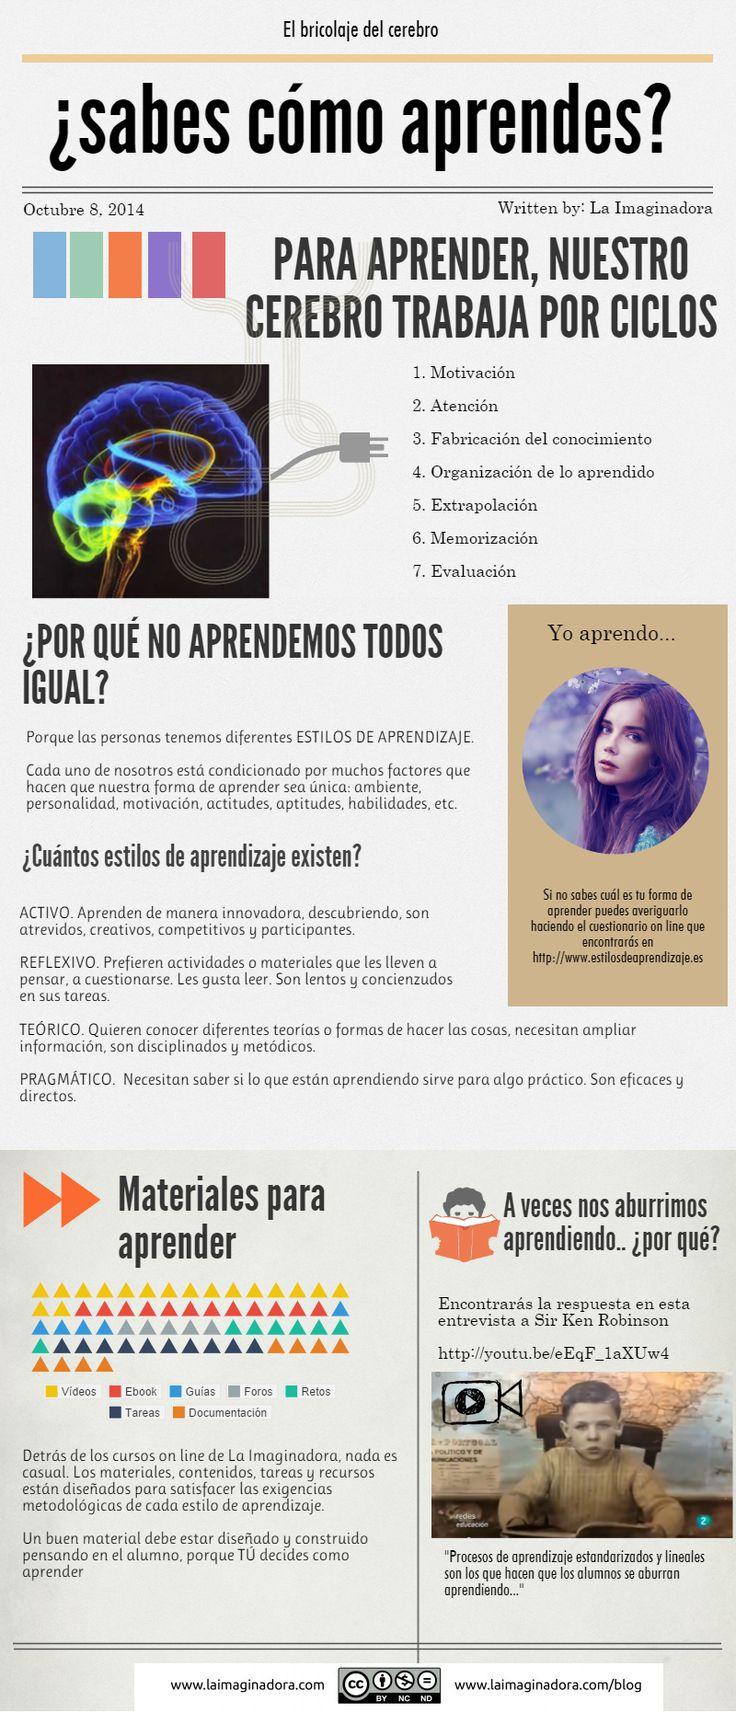 El Bricolaje del Cerebro www.laimaginadora.com/blog